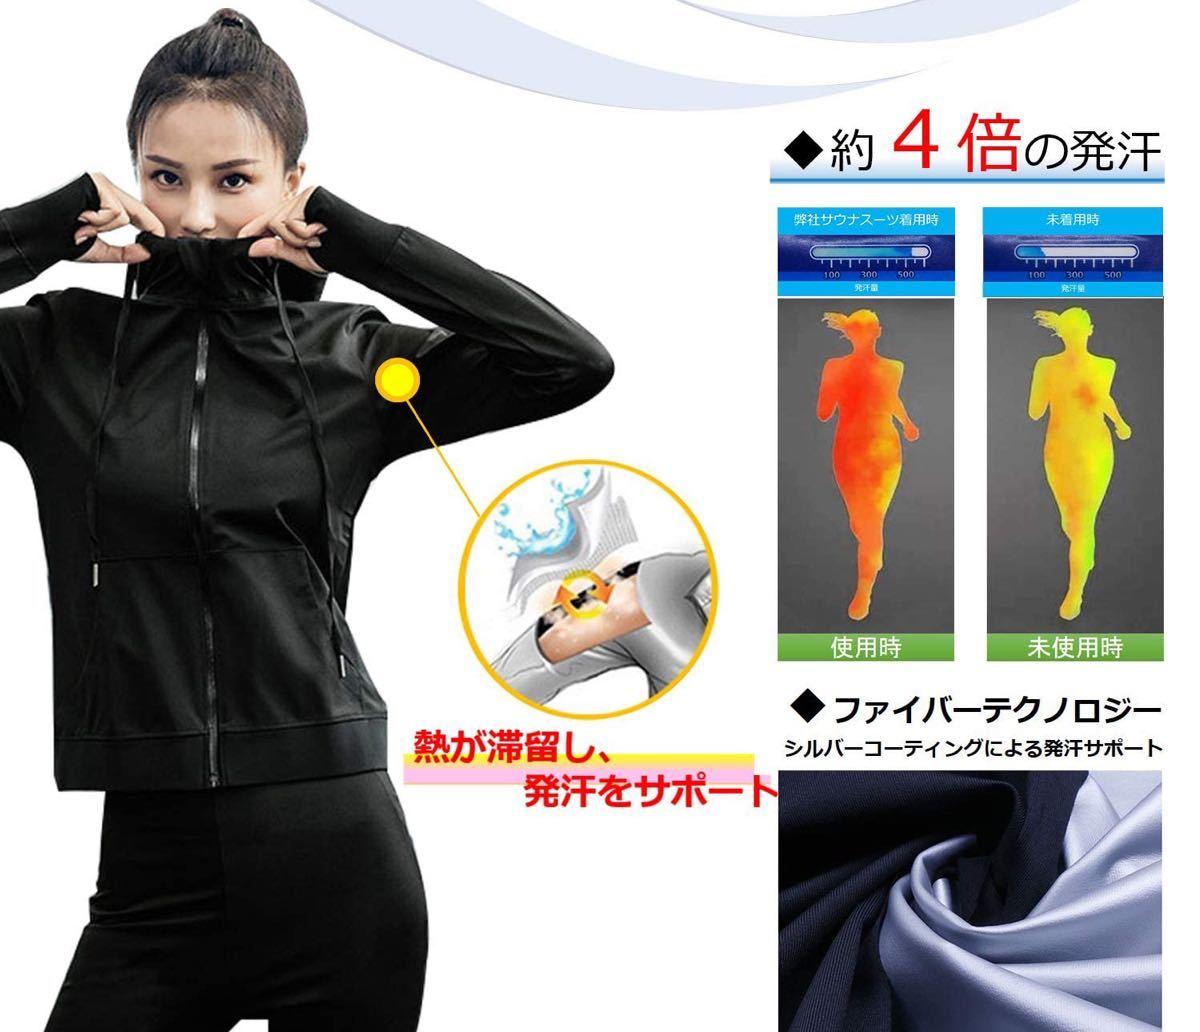 最安値 サウナスーツ メンズ レディース ダイエット 男女兼用   上下セット スポーツウェア ヨガウェア トレーニングウェア